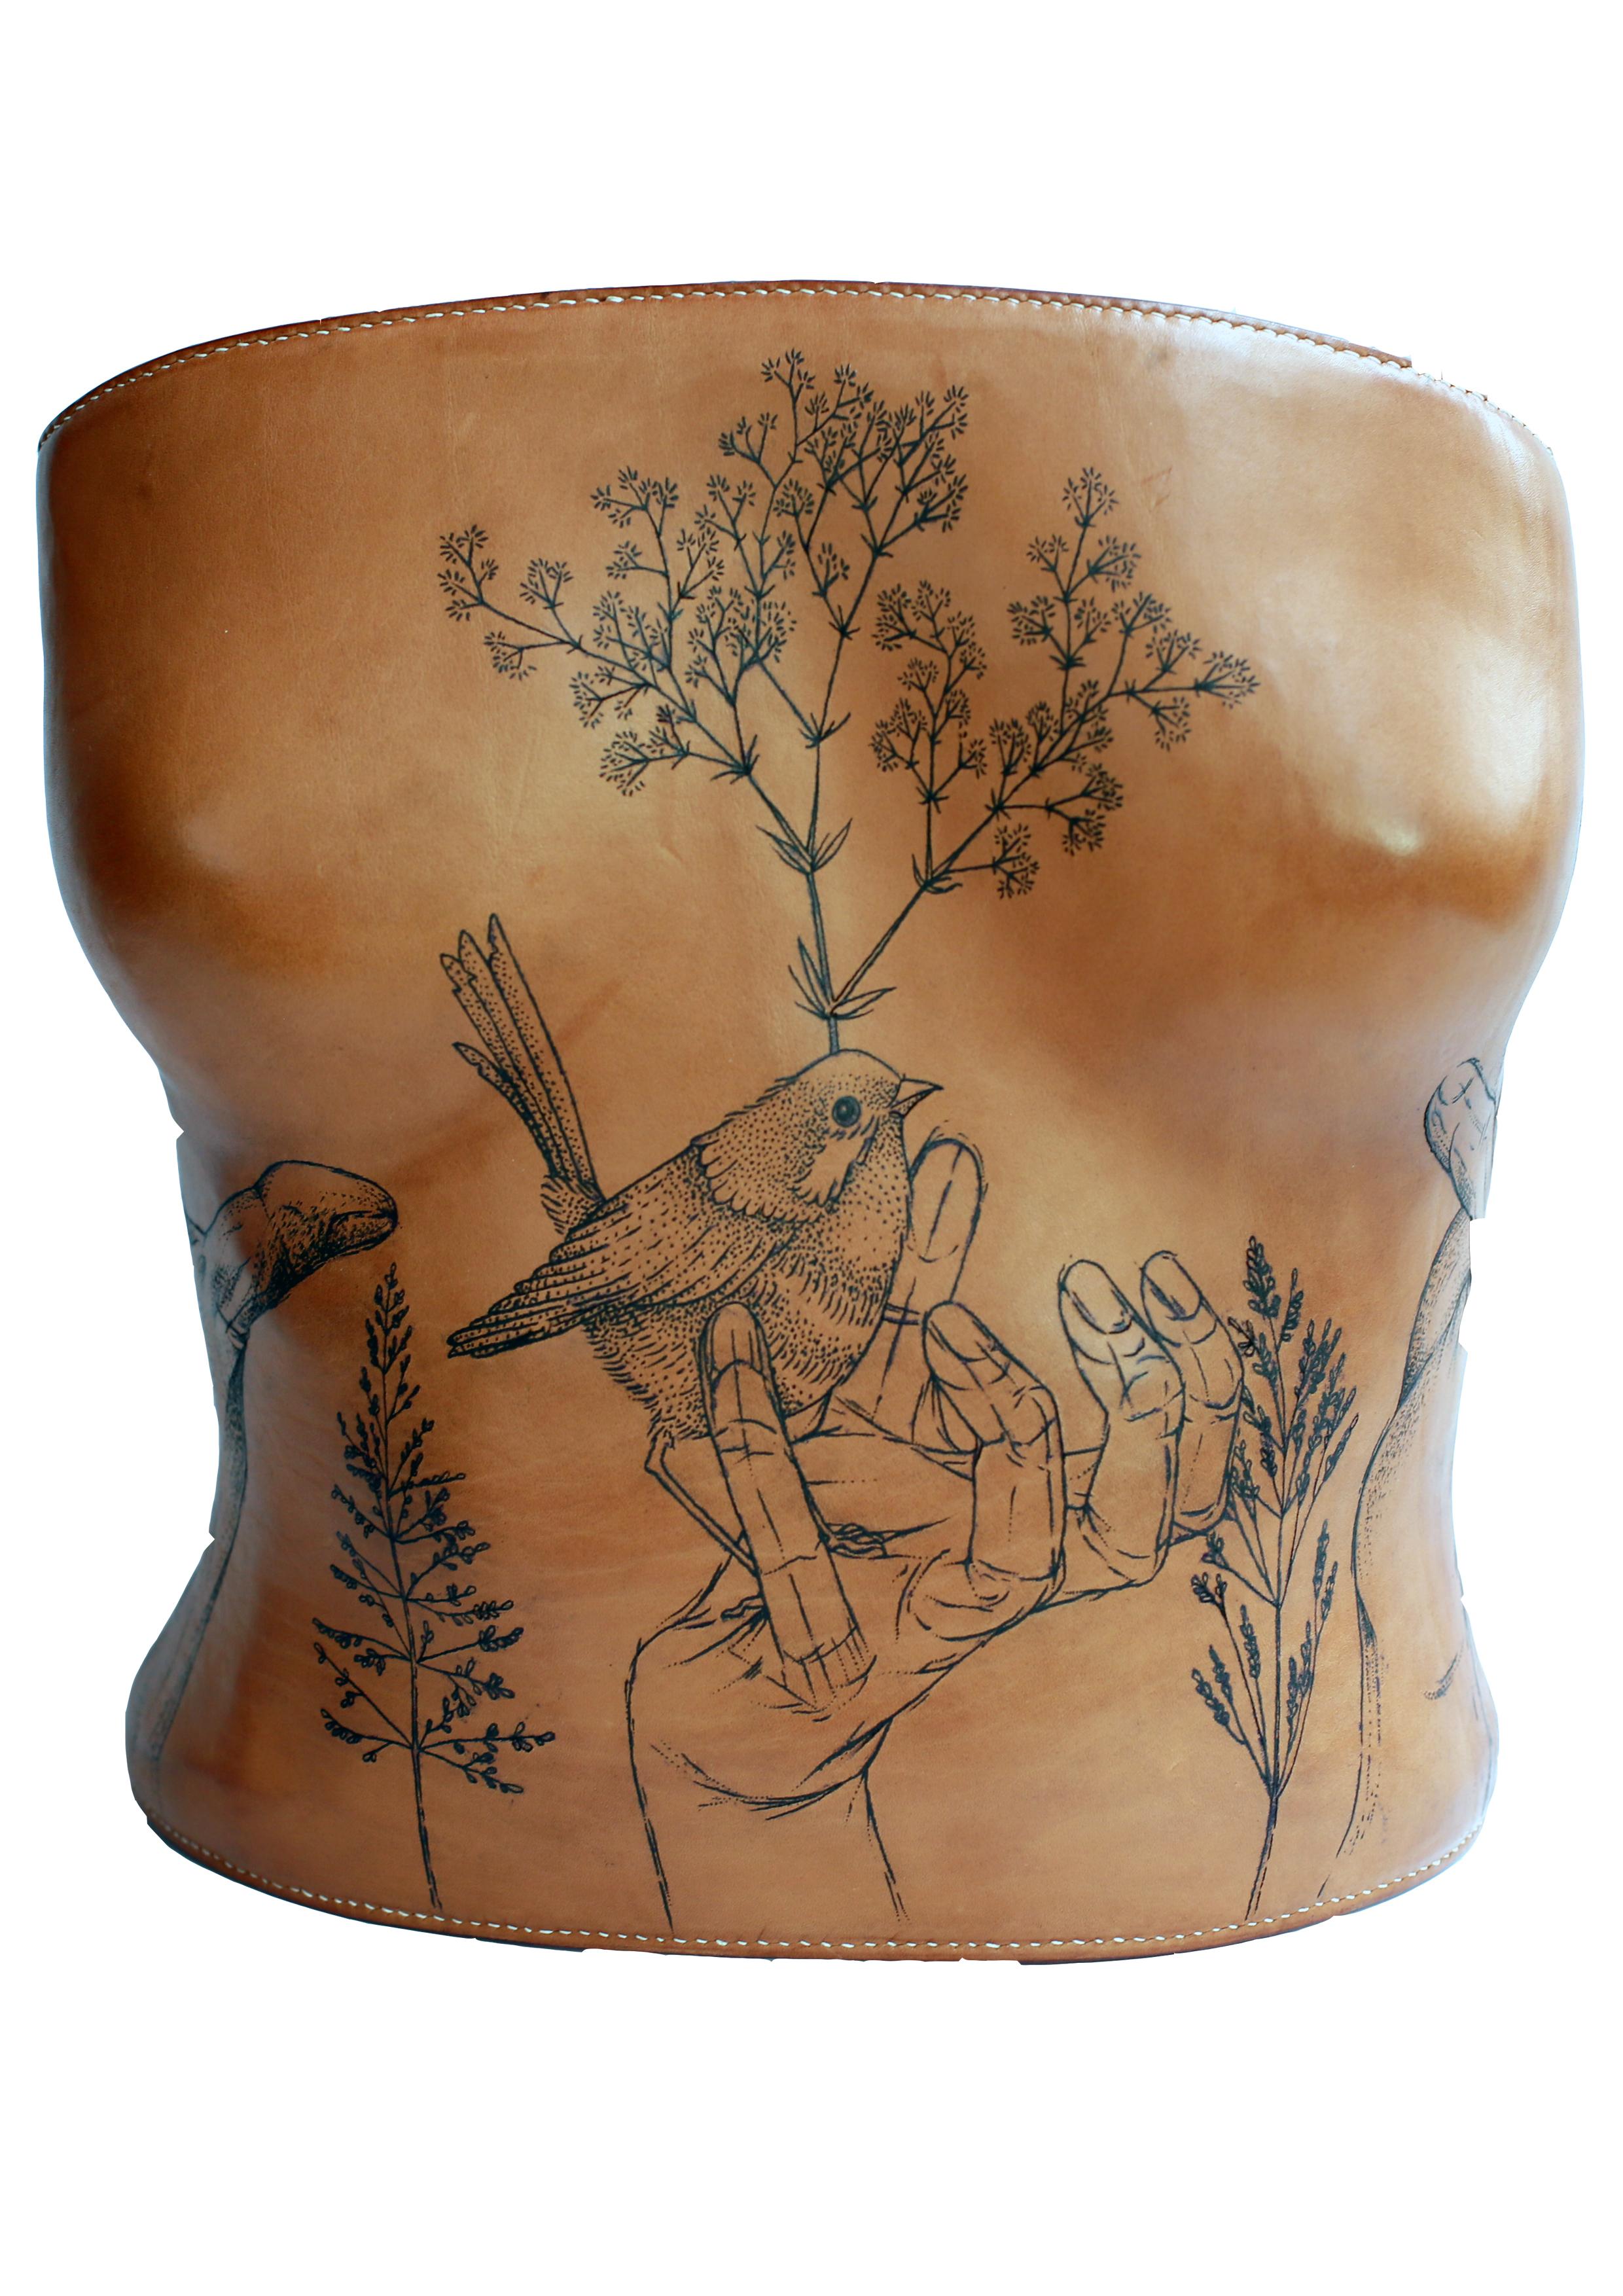 ARTISTE : L'artisantatoueur  MODÈLE : Anne-Flore MARXER